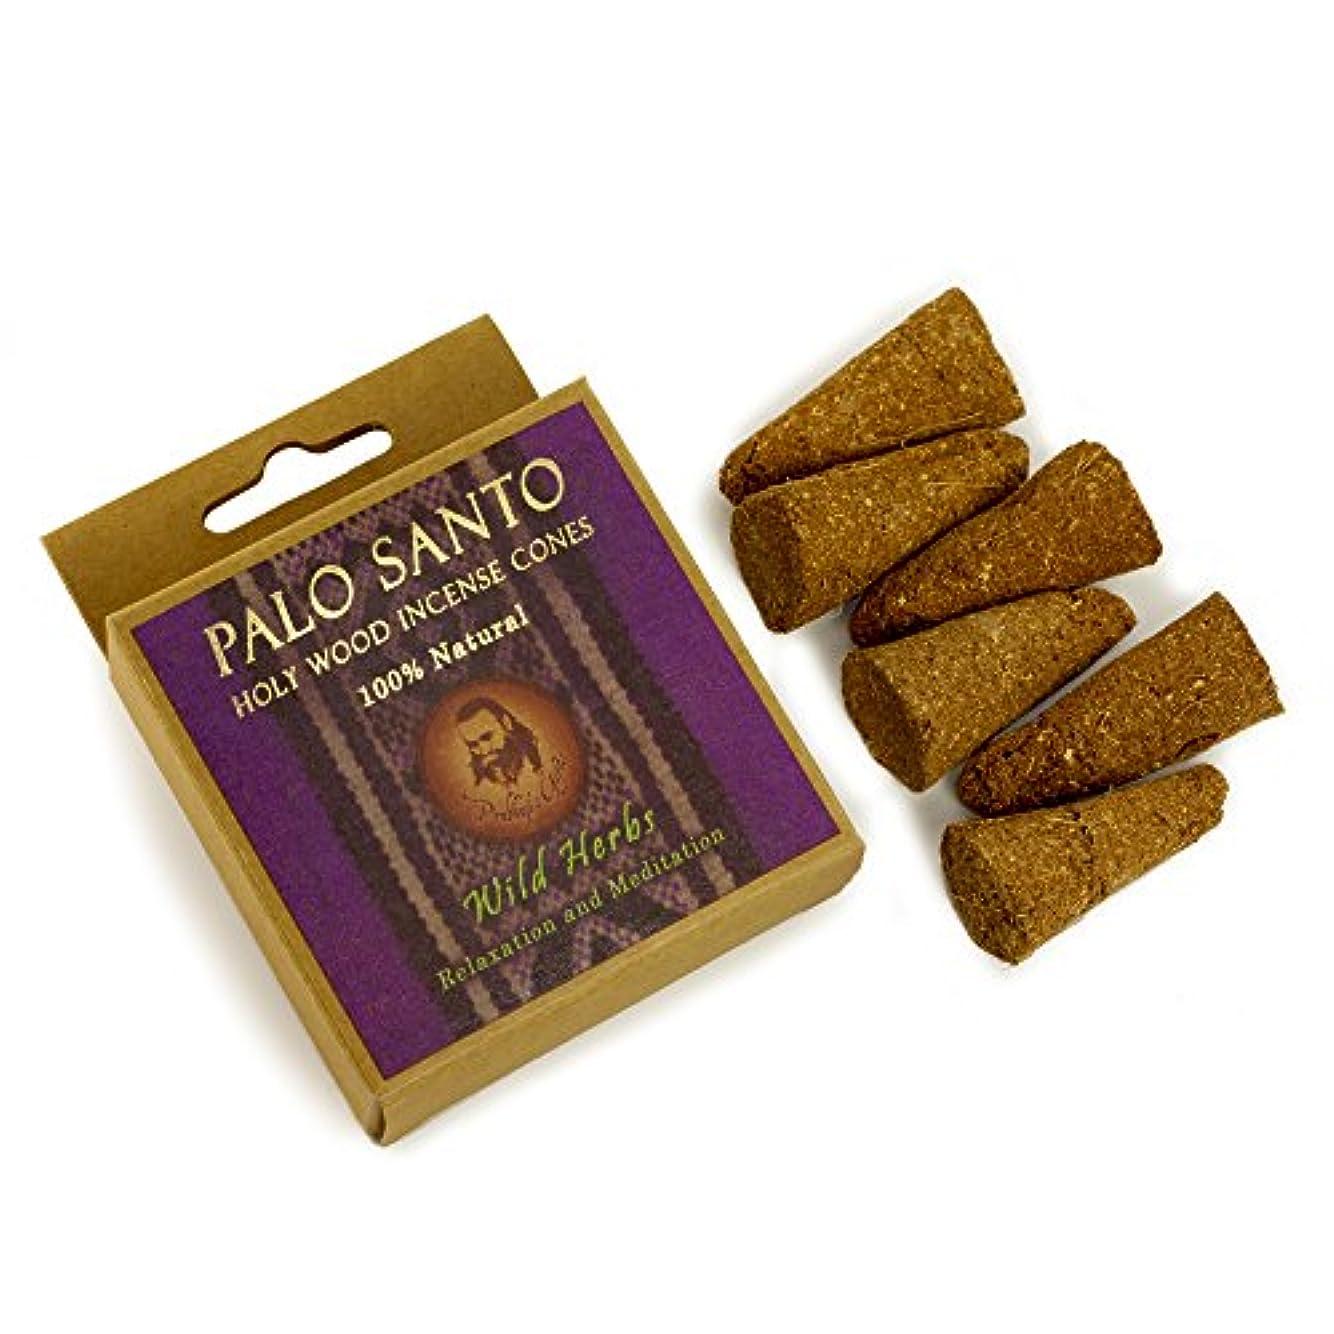 発音する皮肉な小説Palo Santo and Wild herbs – Relaxation &瞑想 – 6 Incense Cones